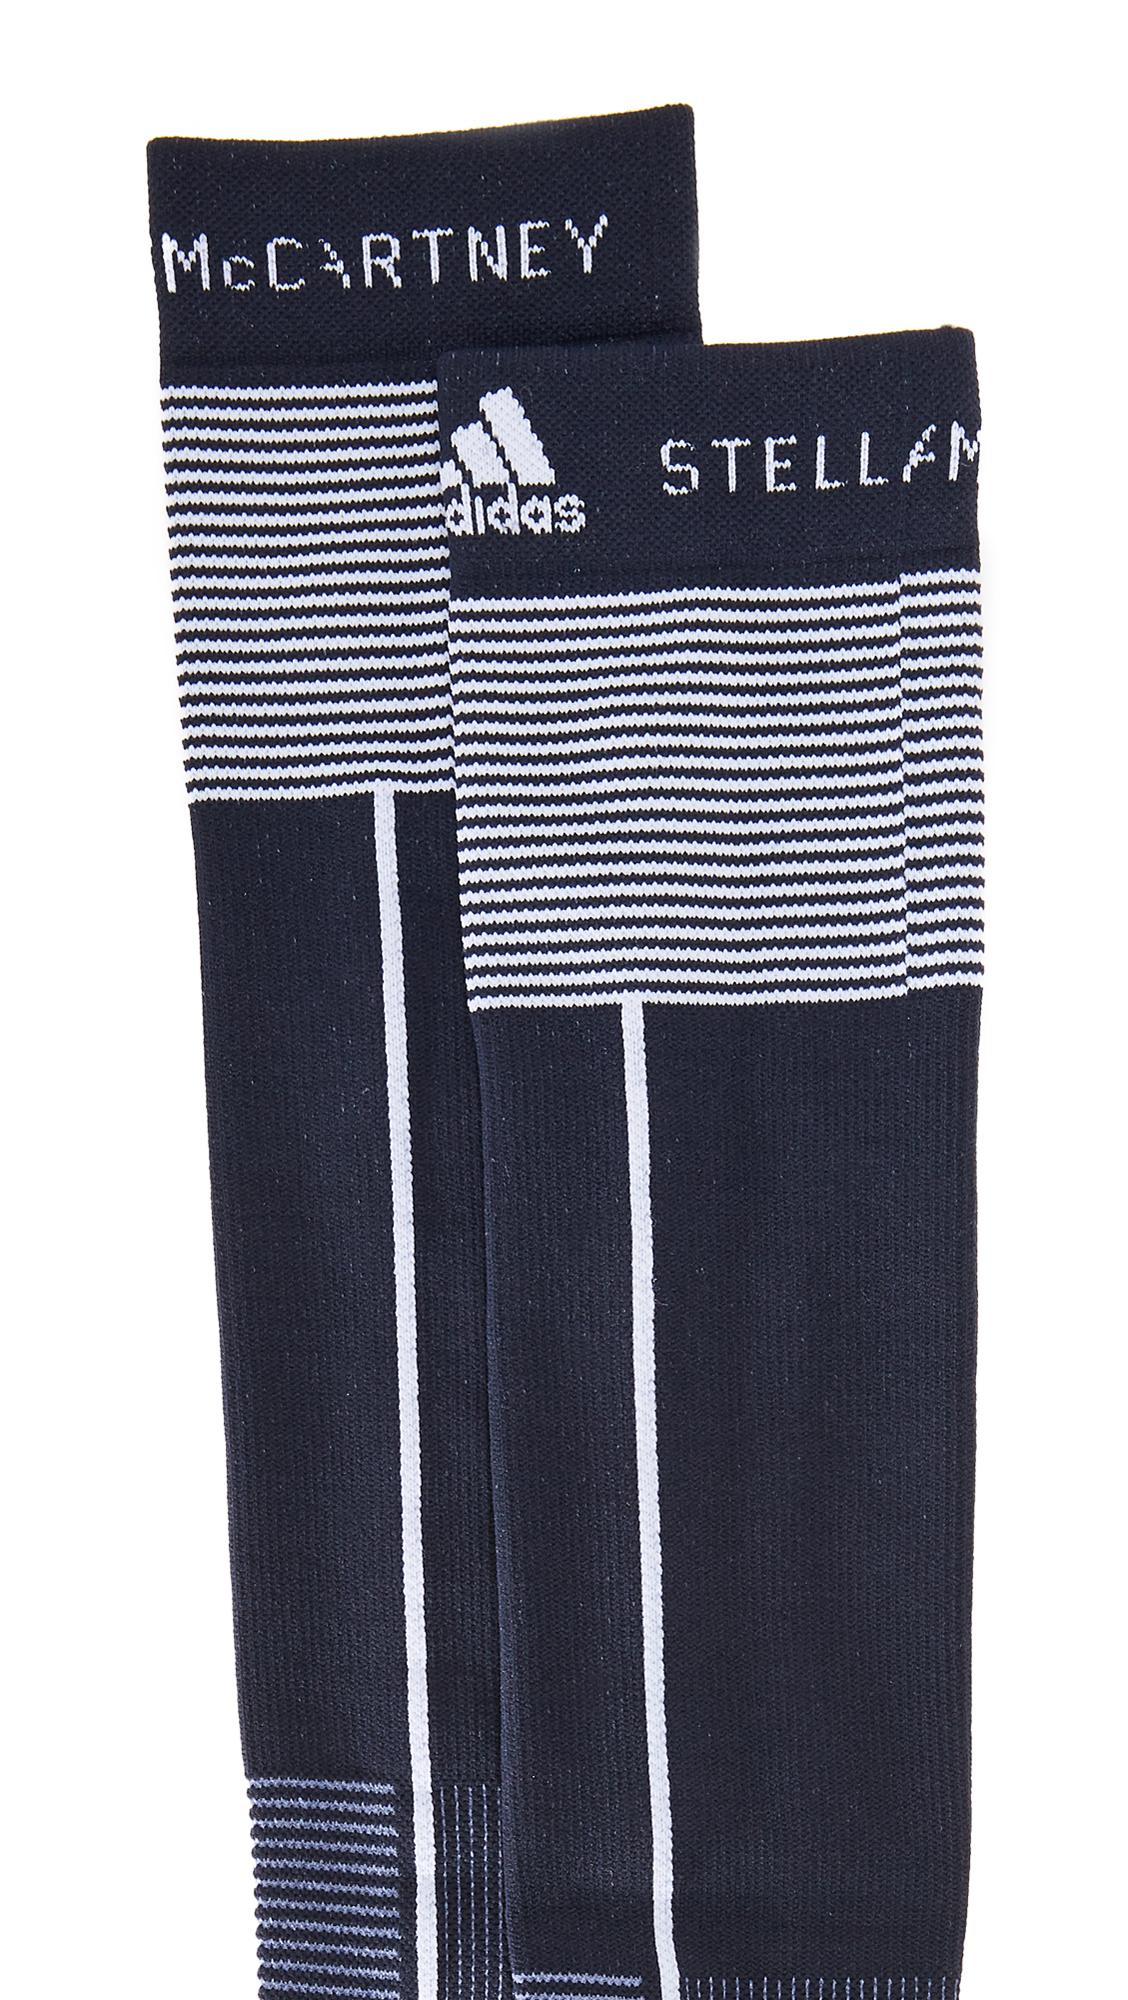 ff701c13b334 adidas by Stella McCartney Compression Socks